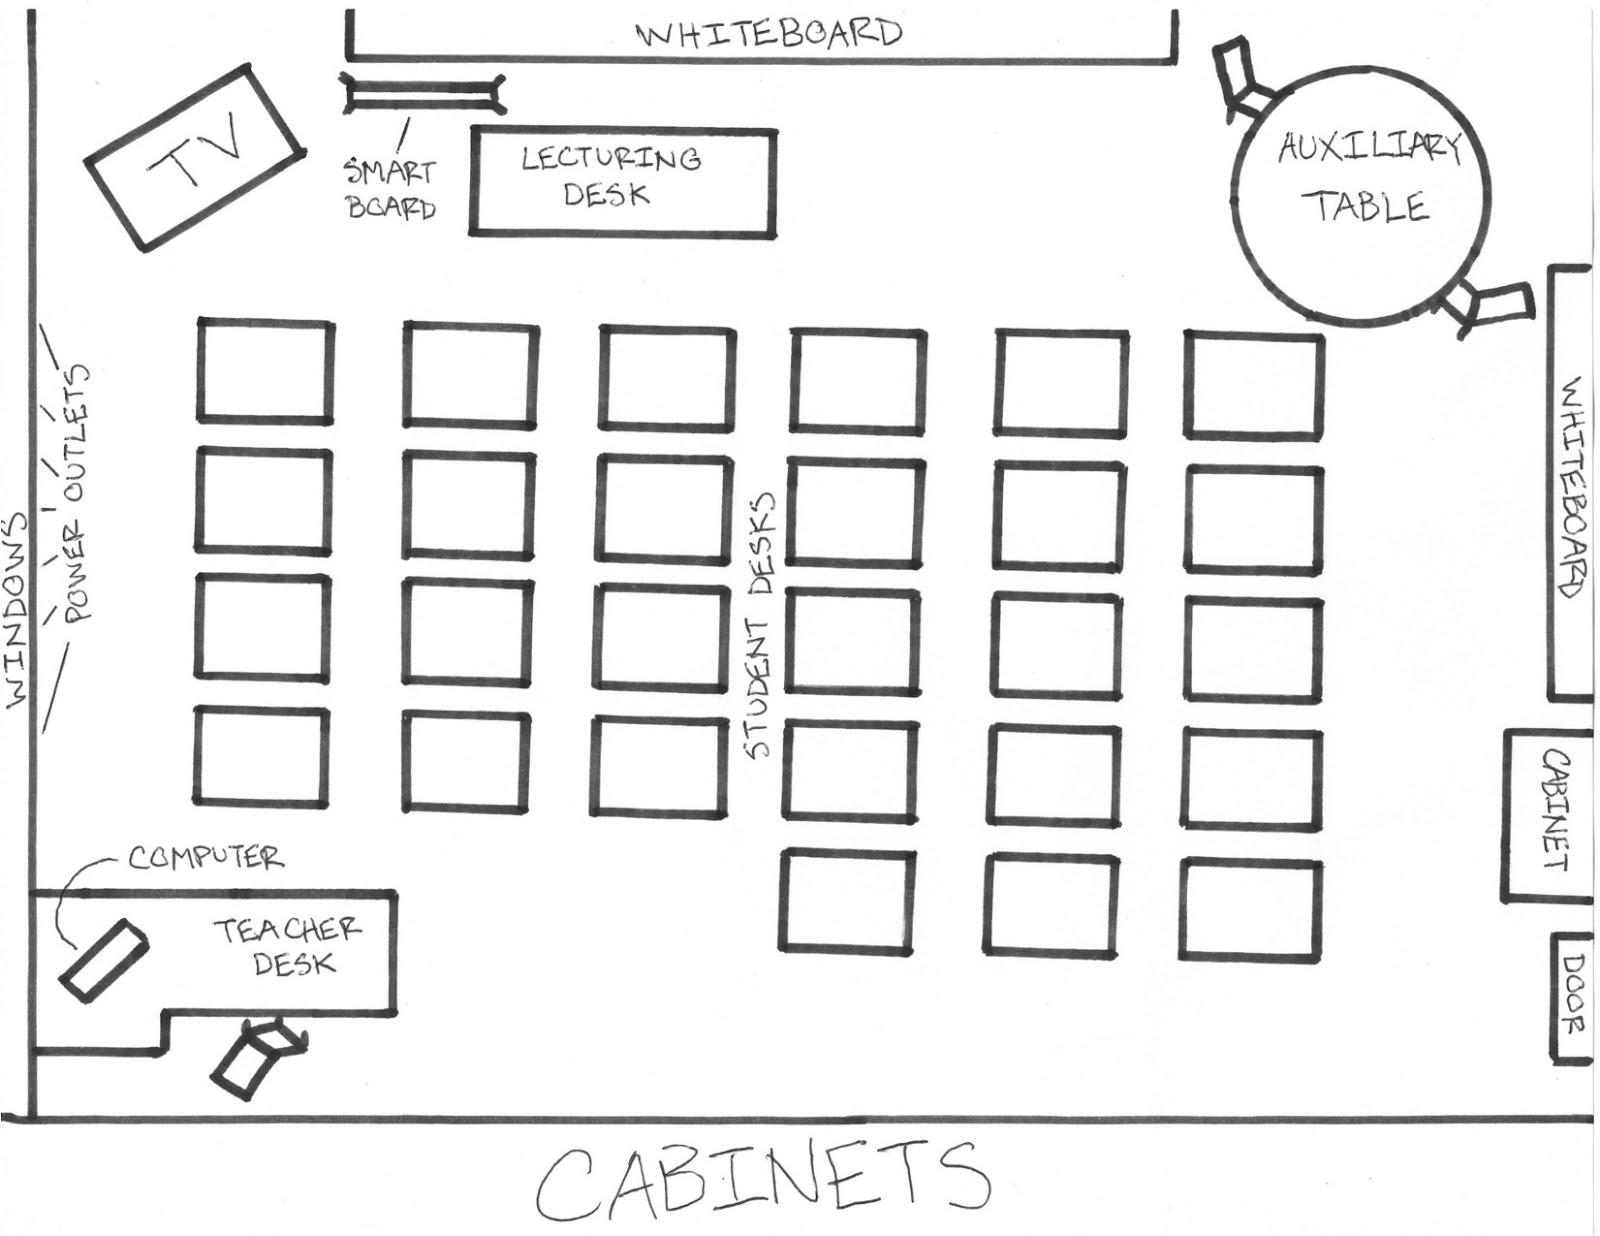 High School Desk Arrangements